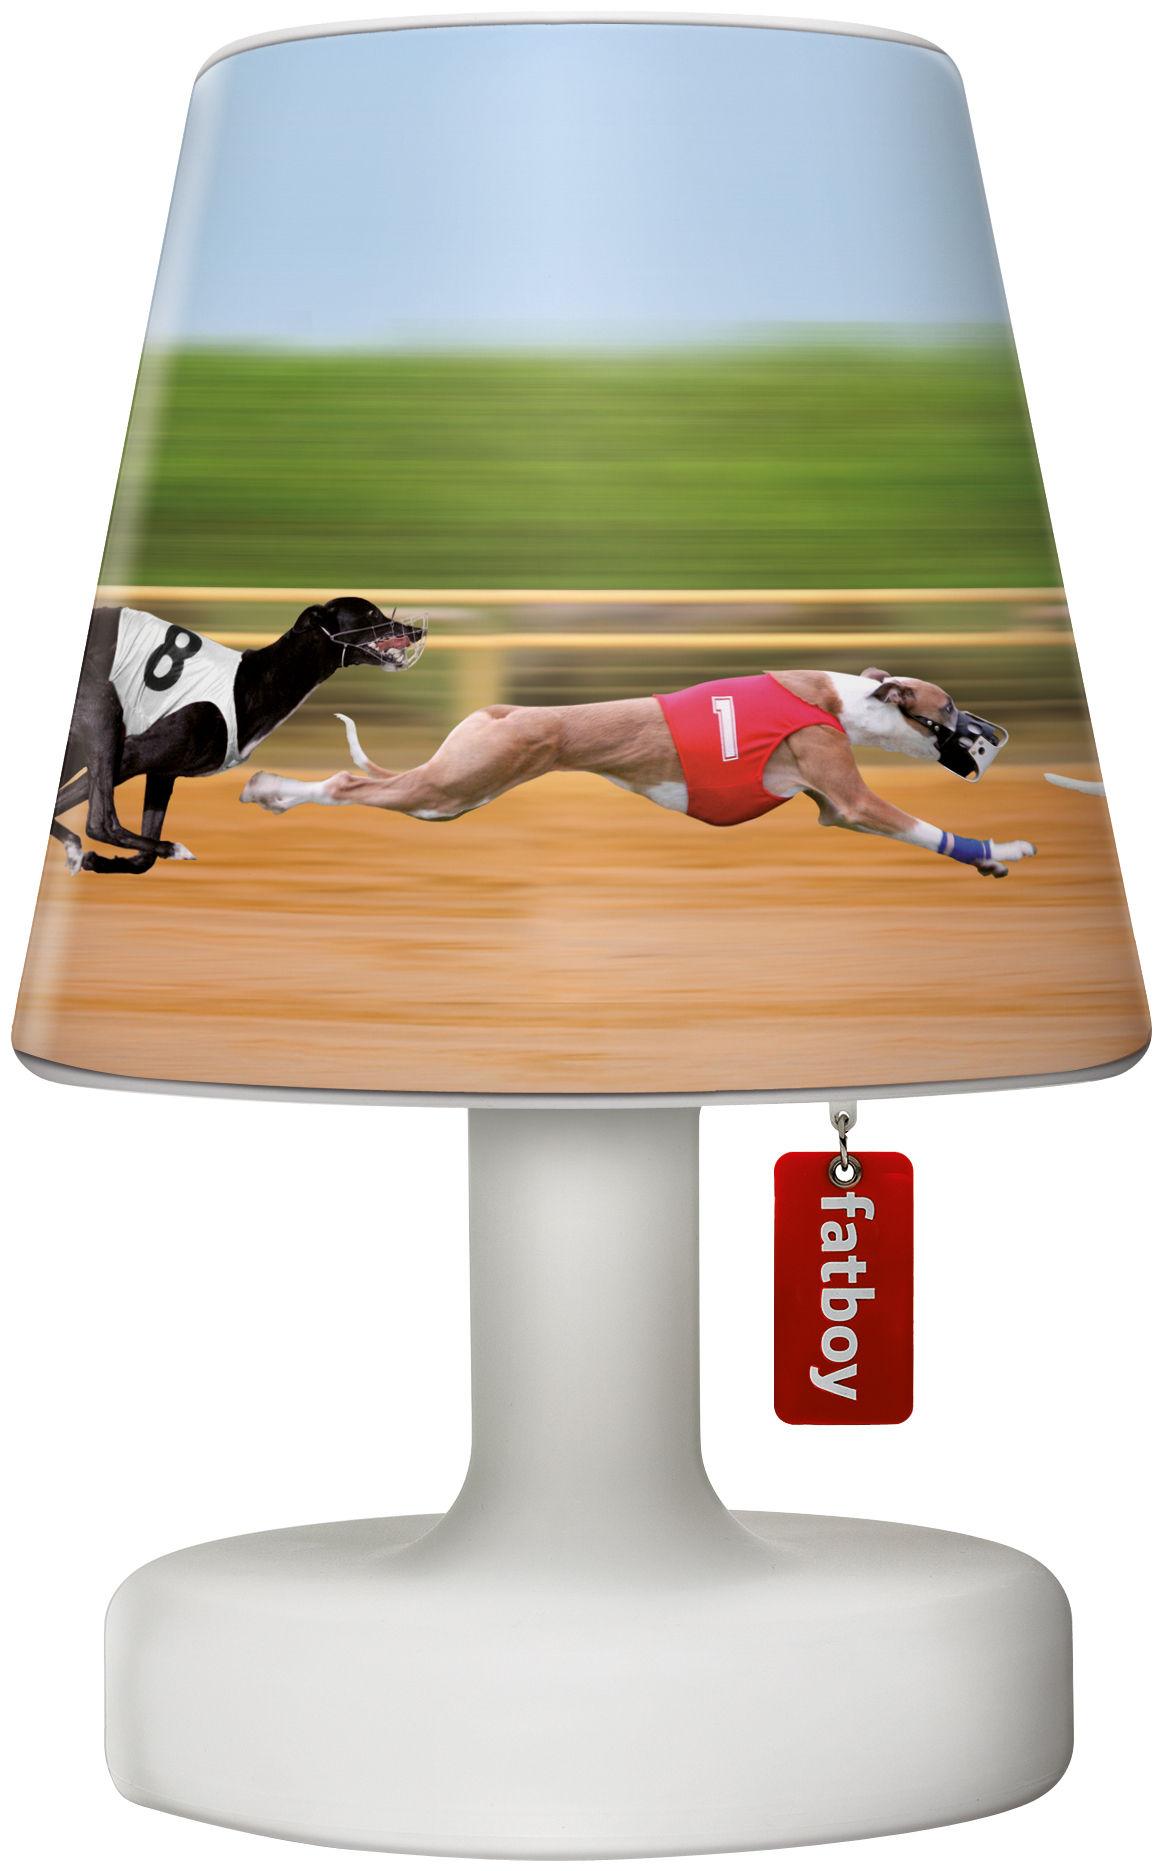 Luminaire - Lampes de table - Abat-jour Cooper Cappie / Pour lampe Edison the Petit - Fatboy - Doggie race / Chiens multicolores - Polypropylène